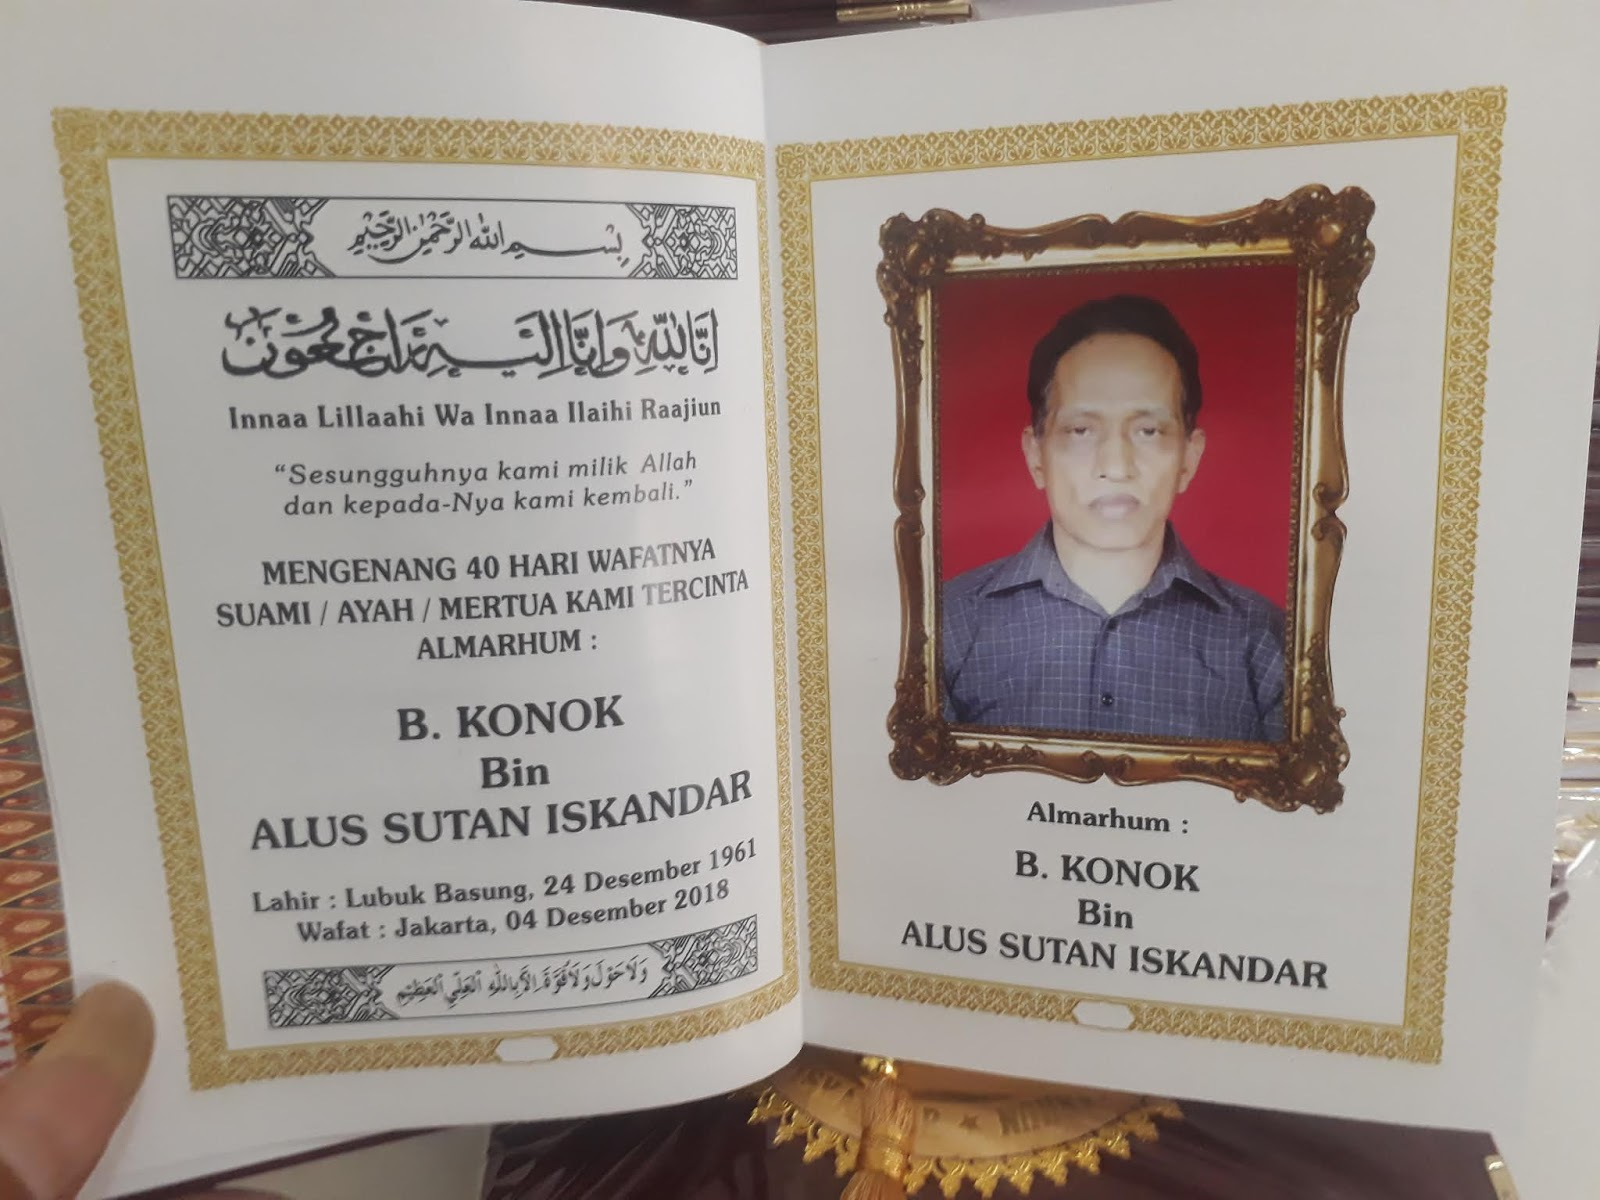 Tempat Cetak Buku Yasin Jakarta Contoh Buku Yasin 40 Hari